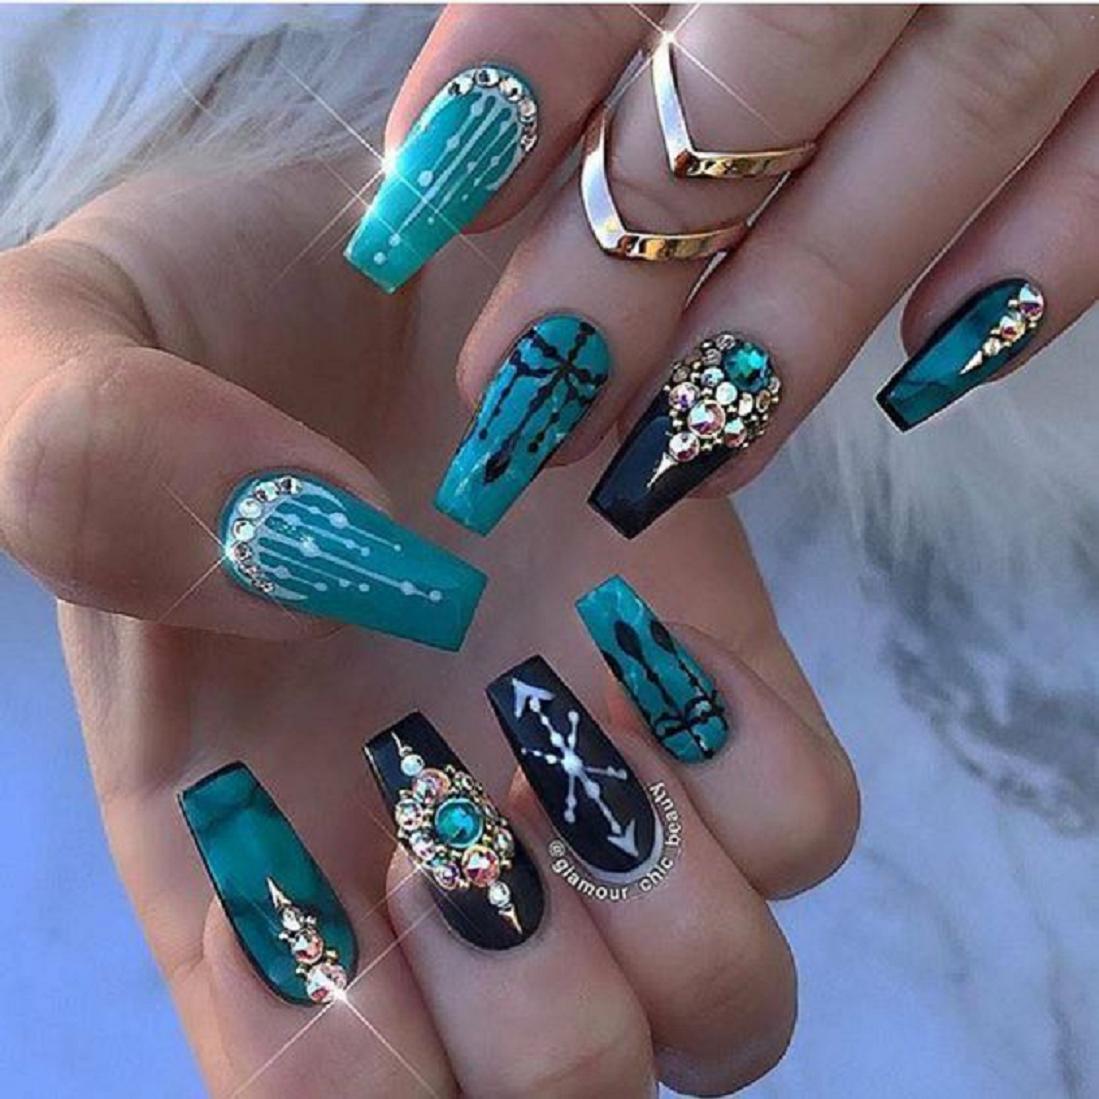 Bling fingernails Long Box Shaped Nail Tips with Green and Black Shade Nail Polish and Rhinestones